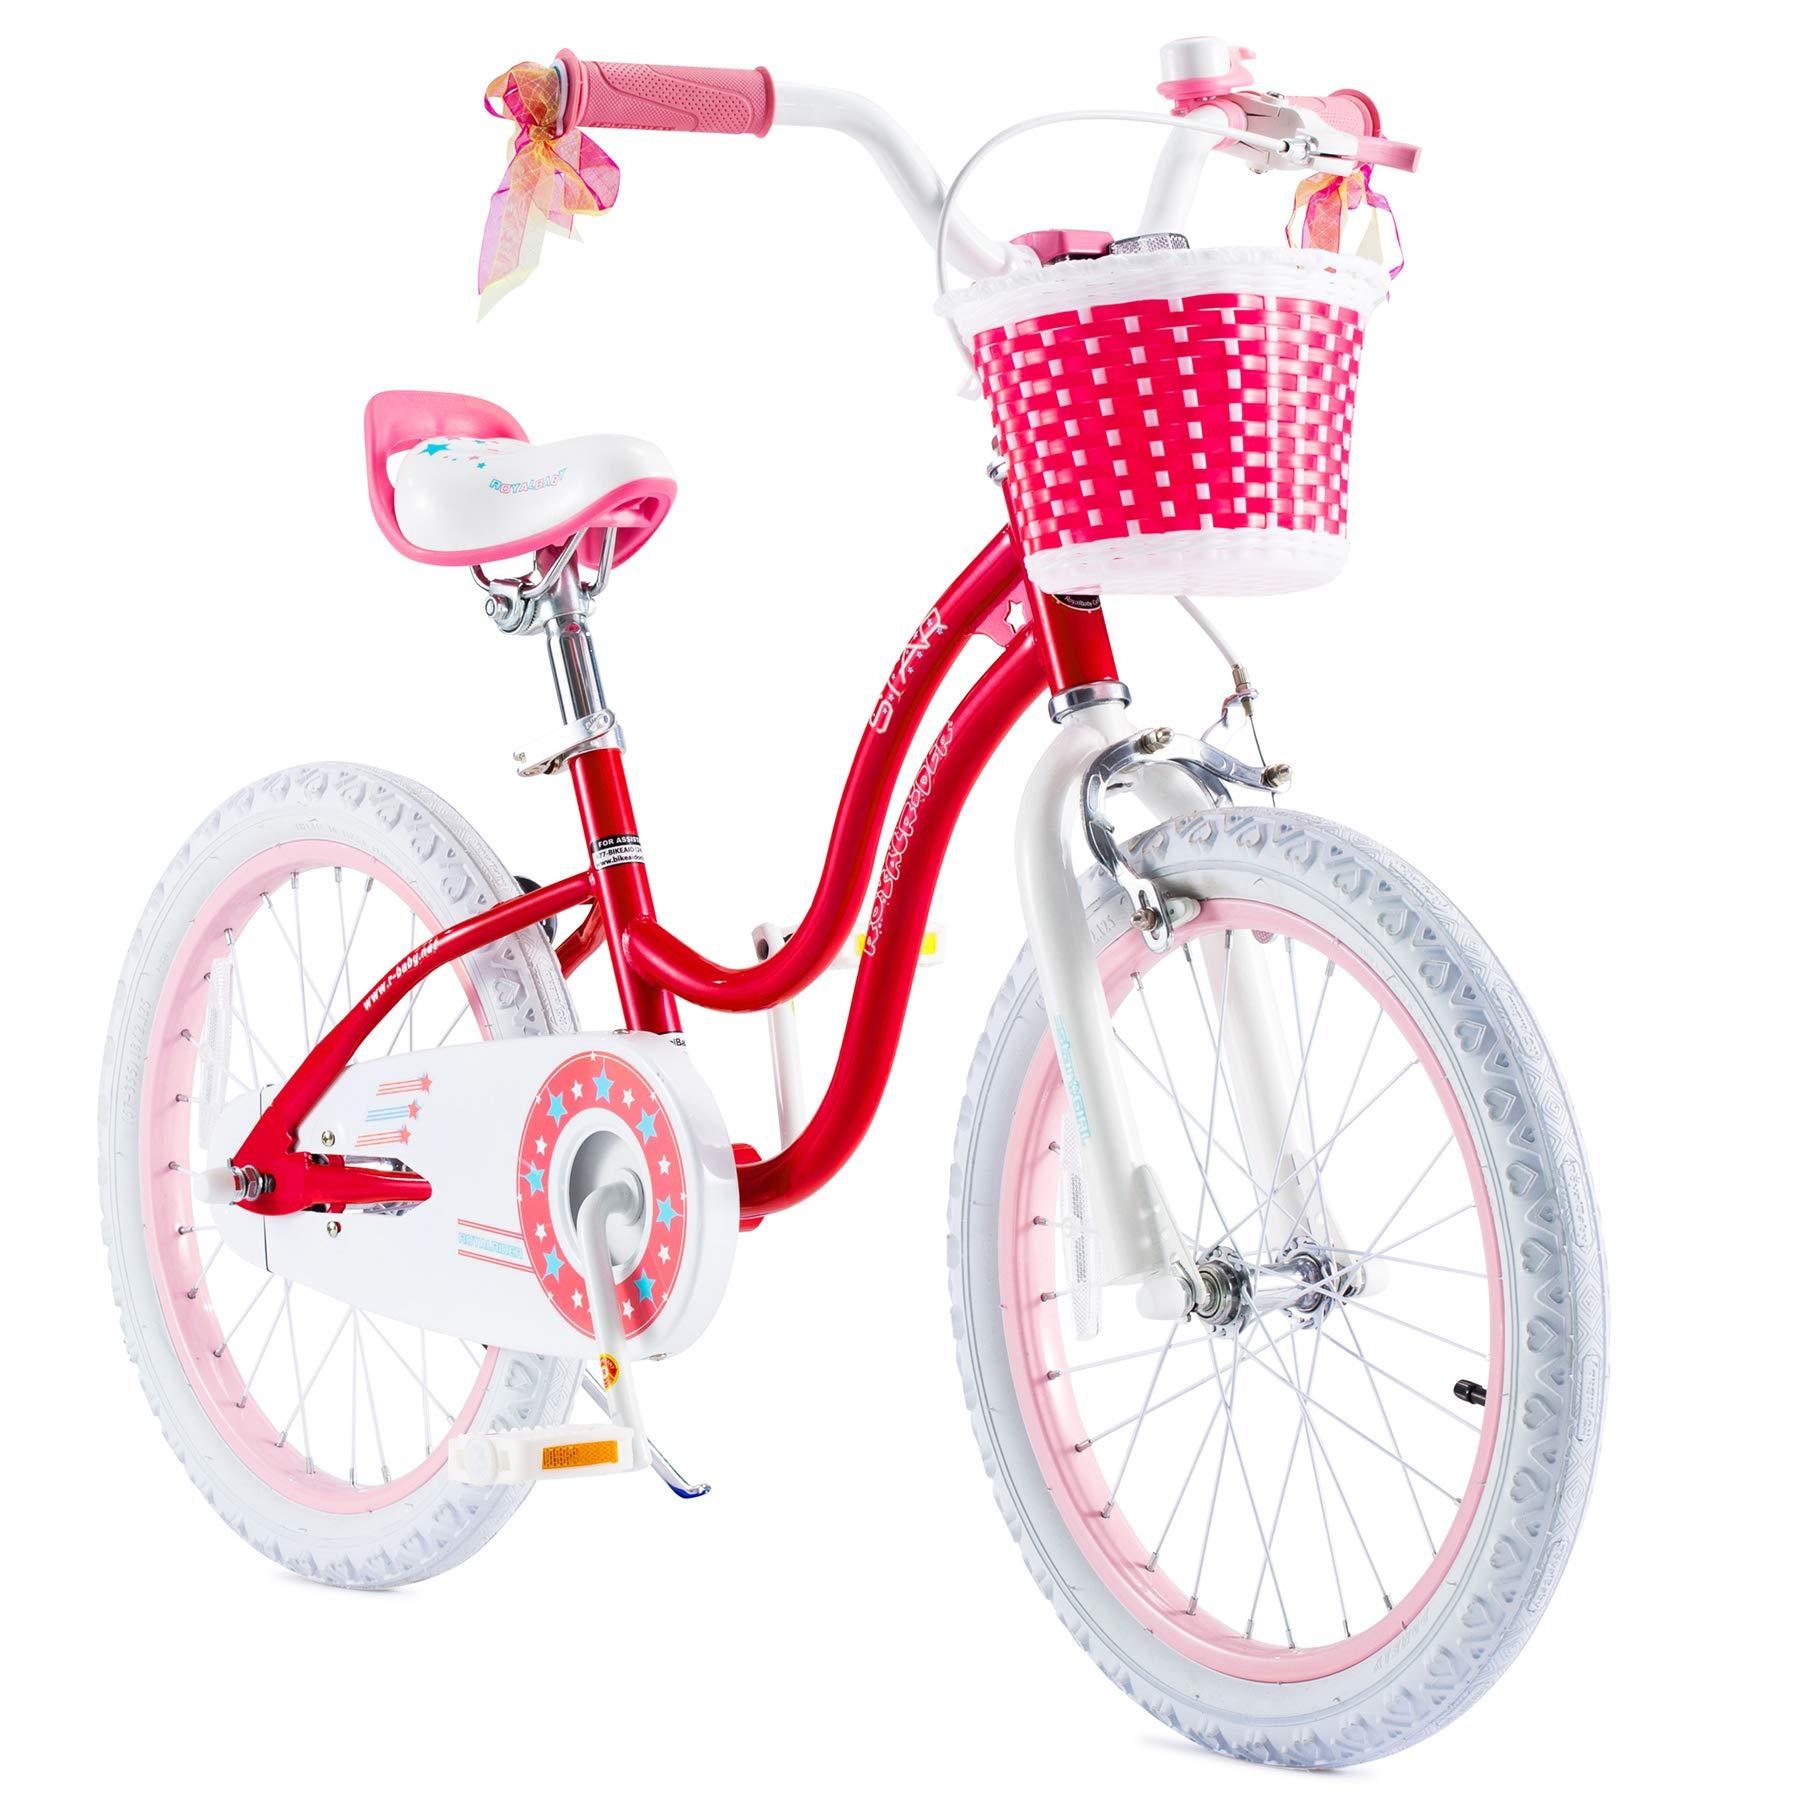 Training Wheels for 12 14 16 Easy Assembly Kids Bike RoyalBaby Stargirl Girls Bike Gift for Girl Kickstand for 16 18 Bicycle